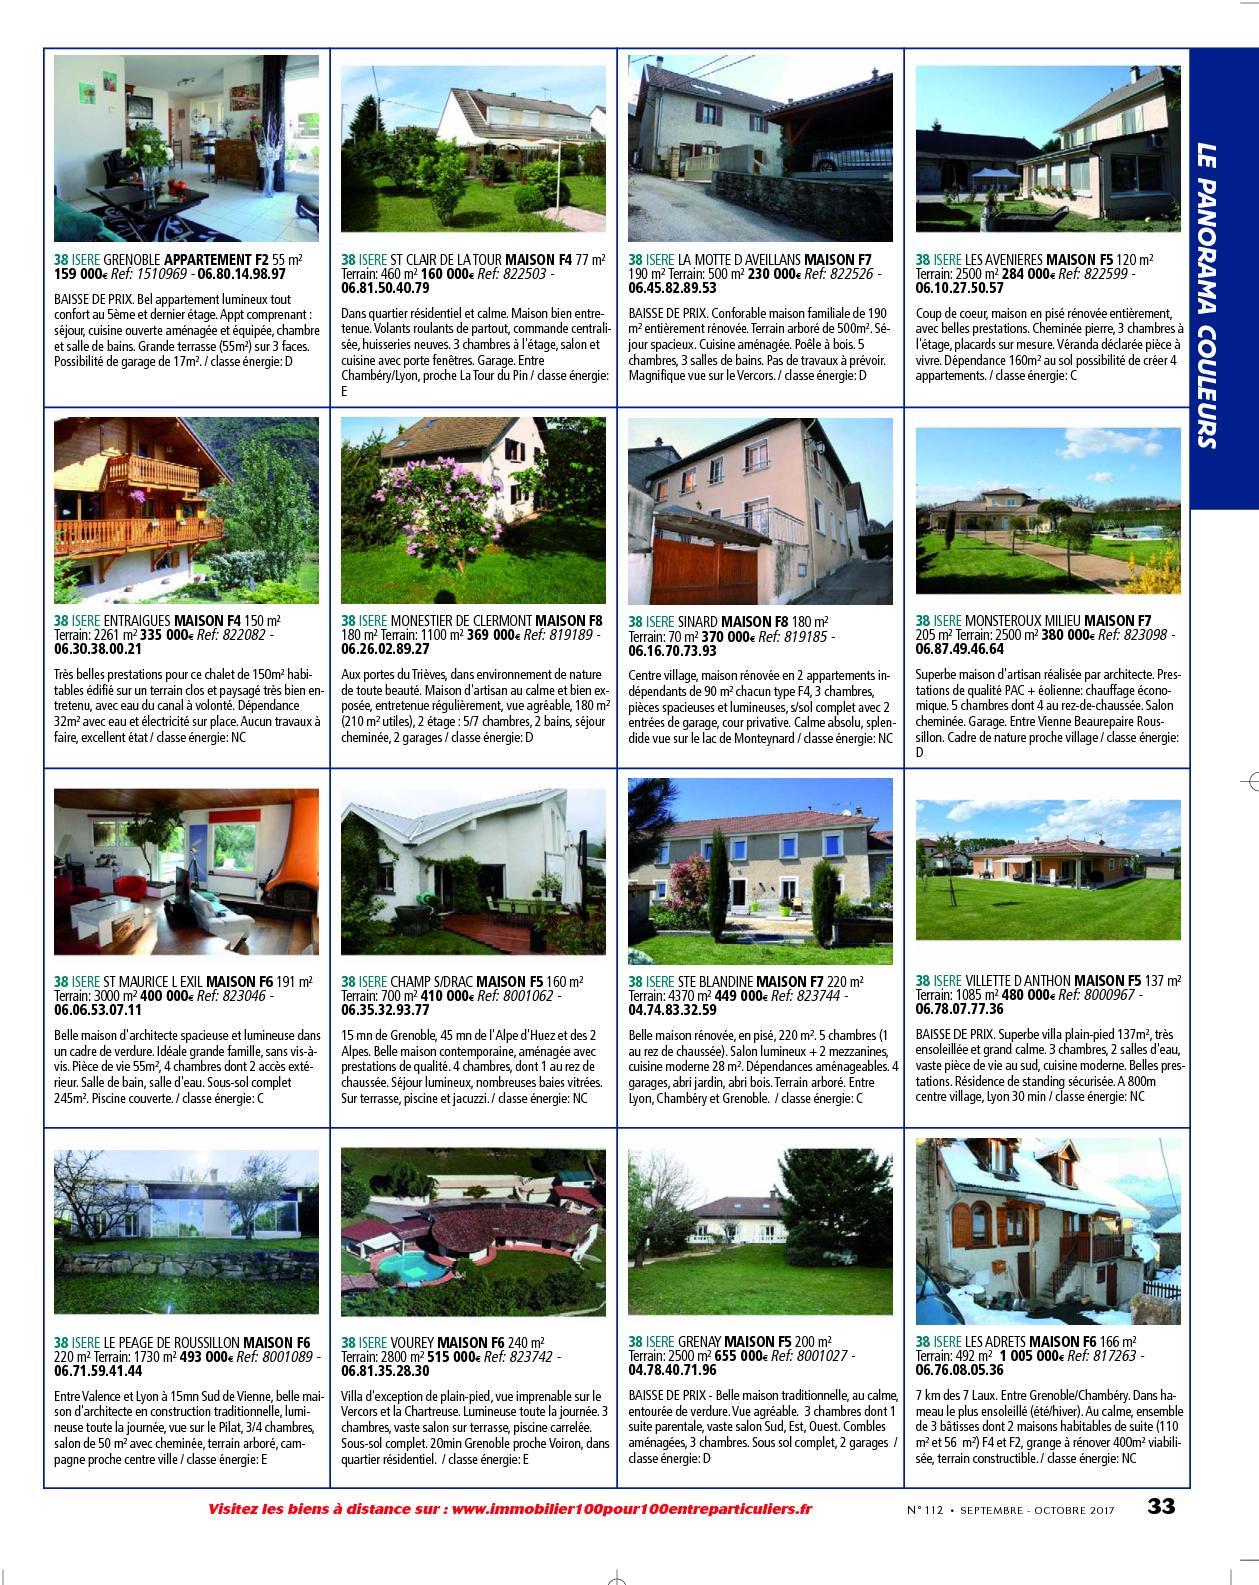 L Immobilier 100 Entre Particuliers Appelimmo N 112 Septembre